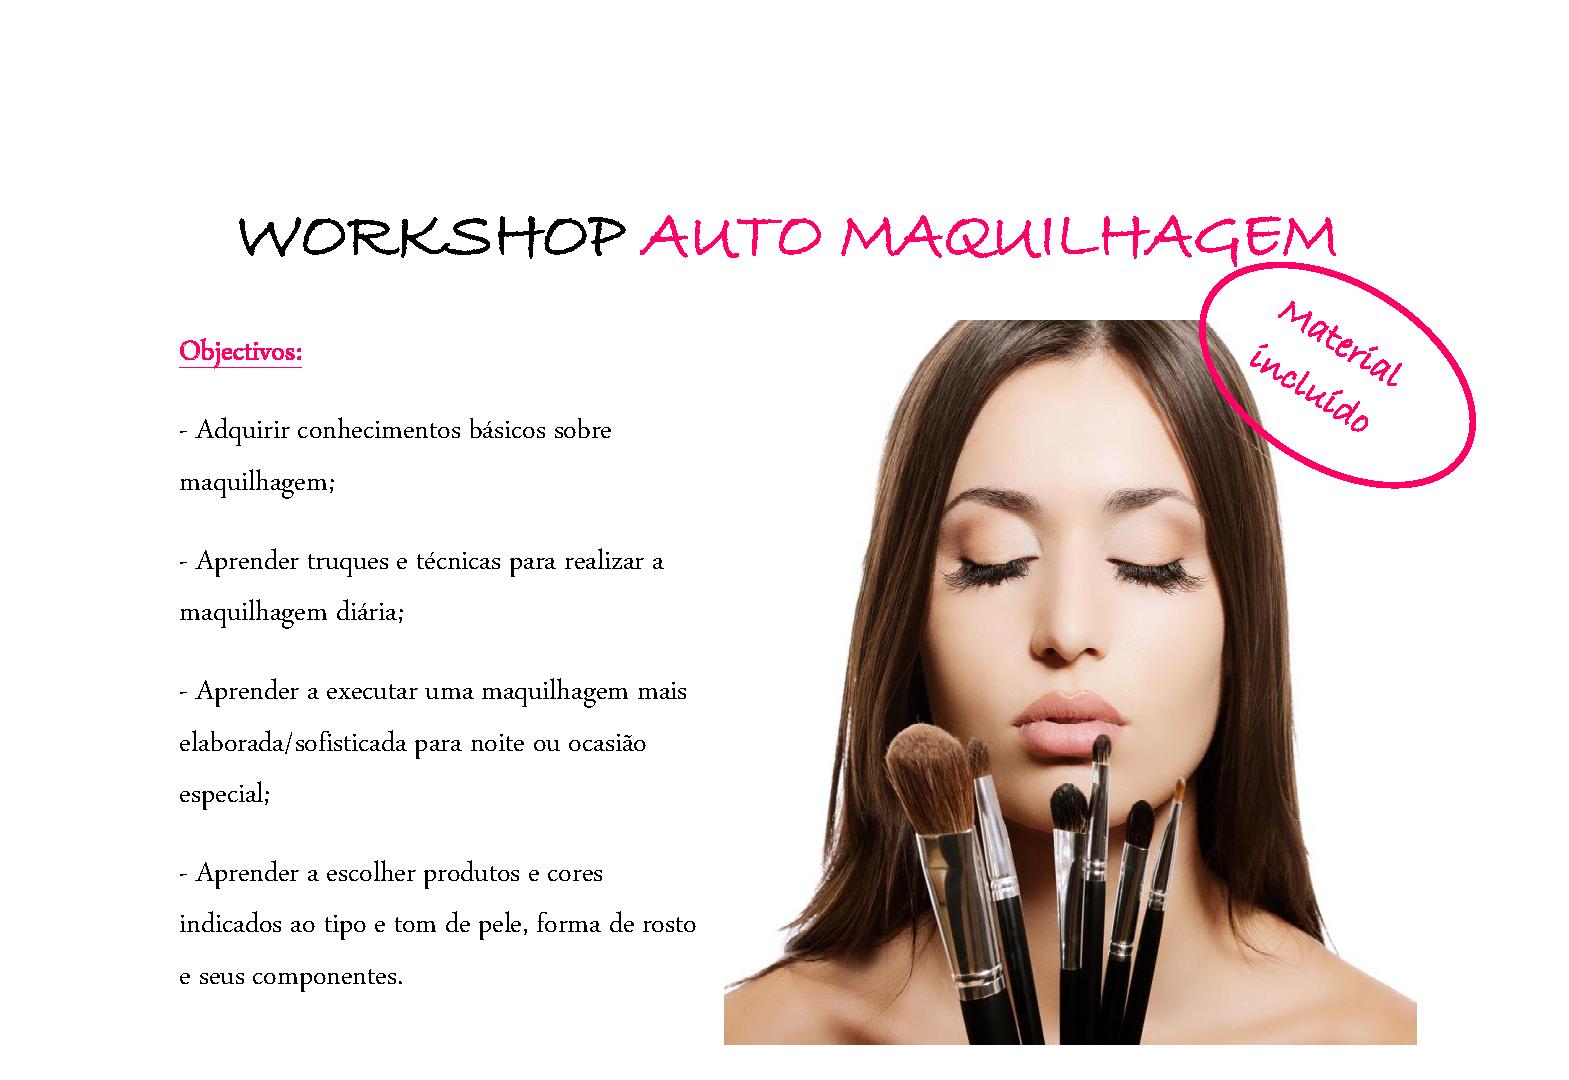 ÉVORA: Workshop de Auto Maquilhagem